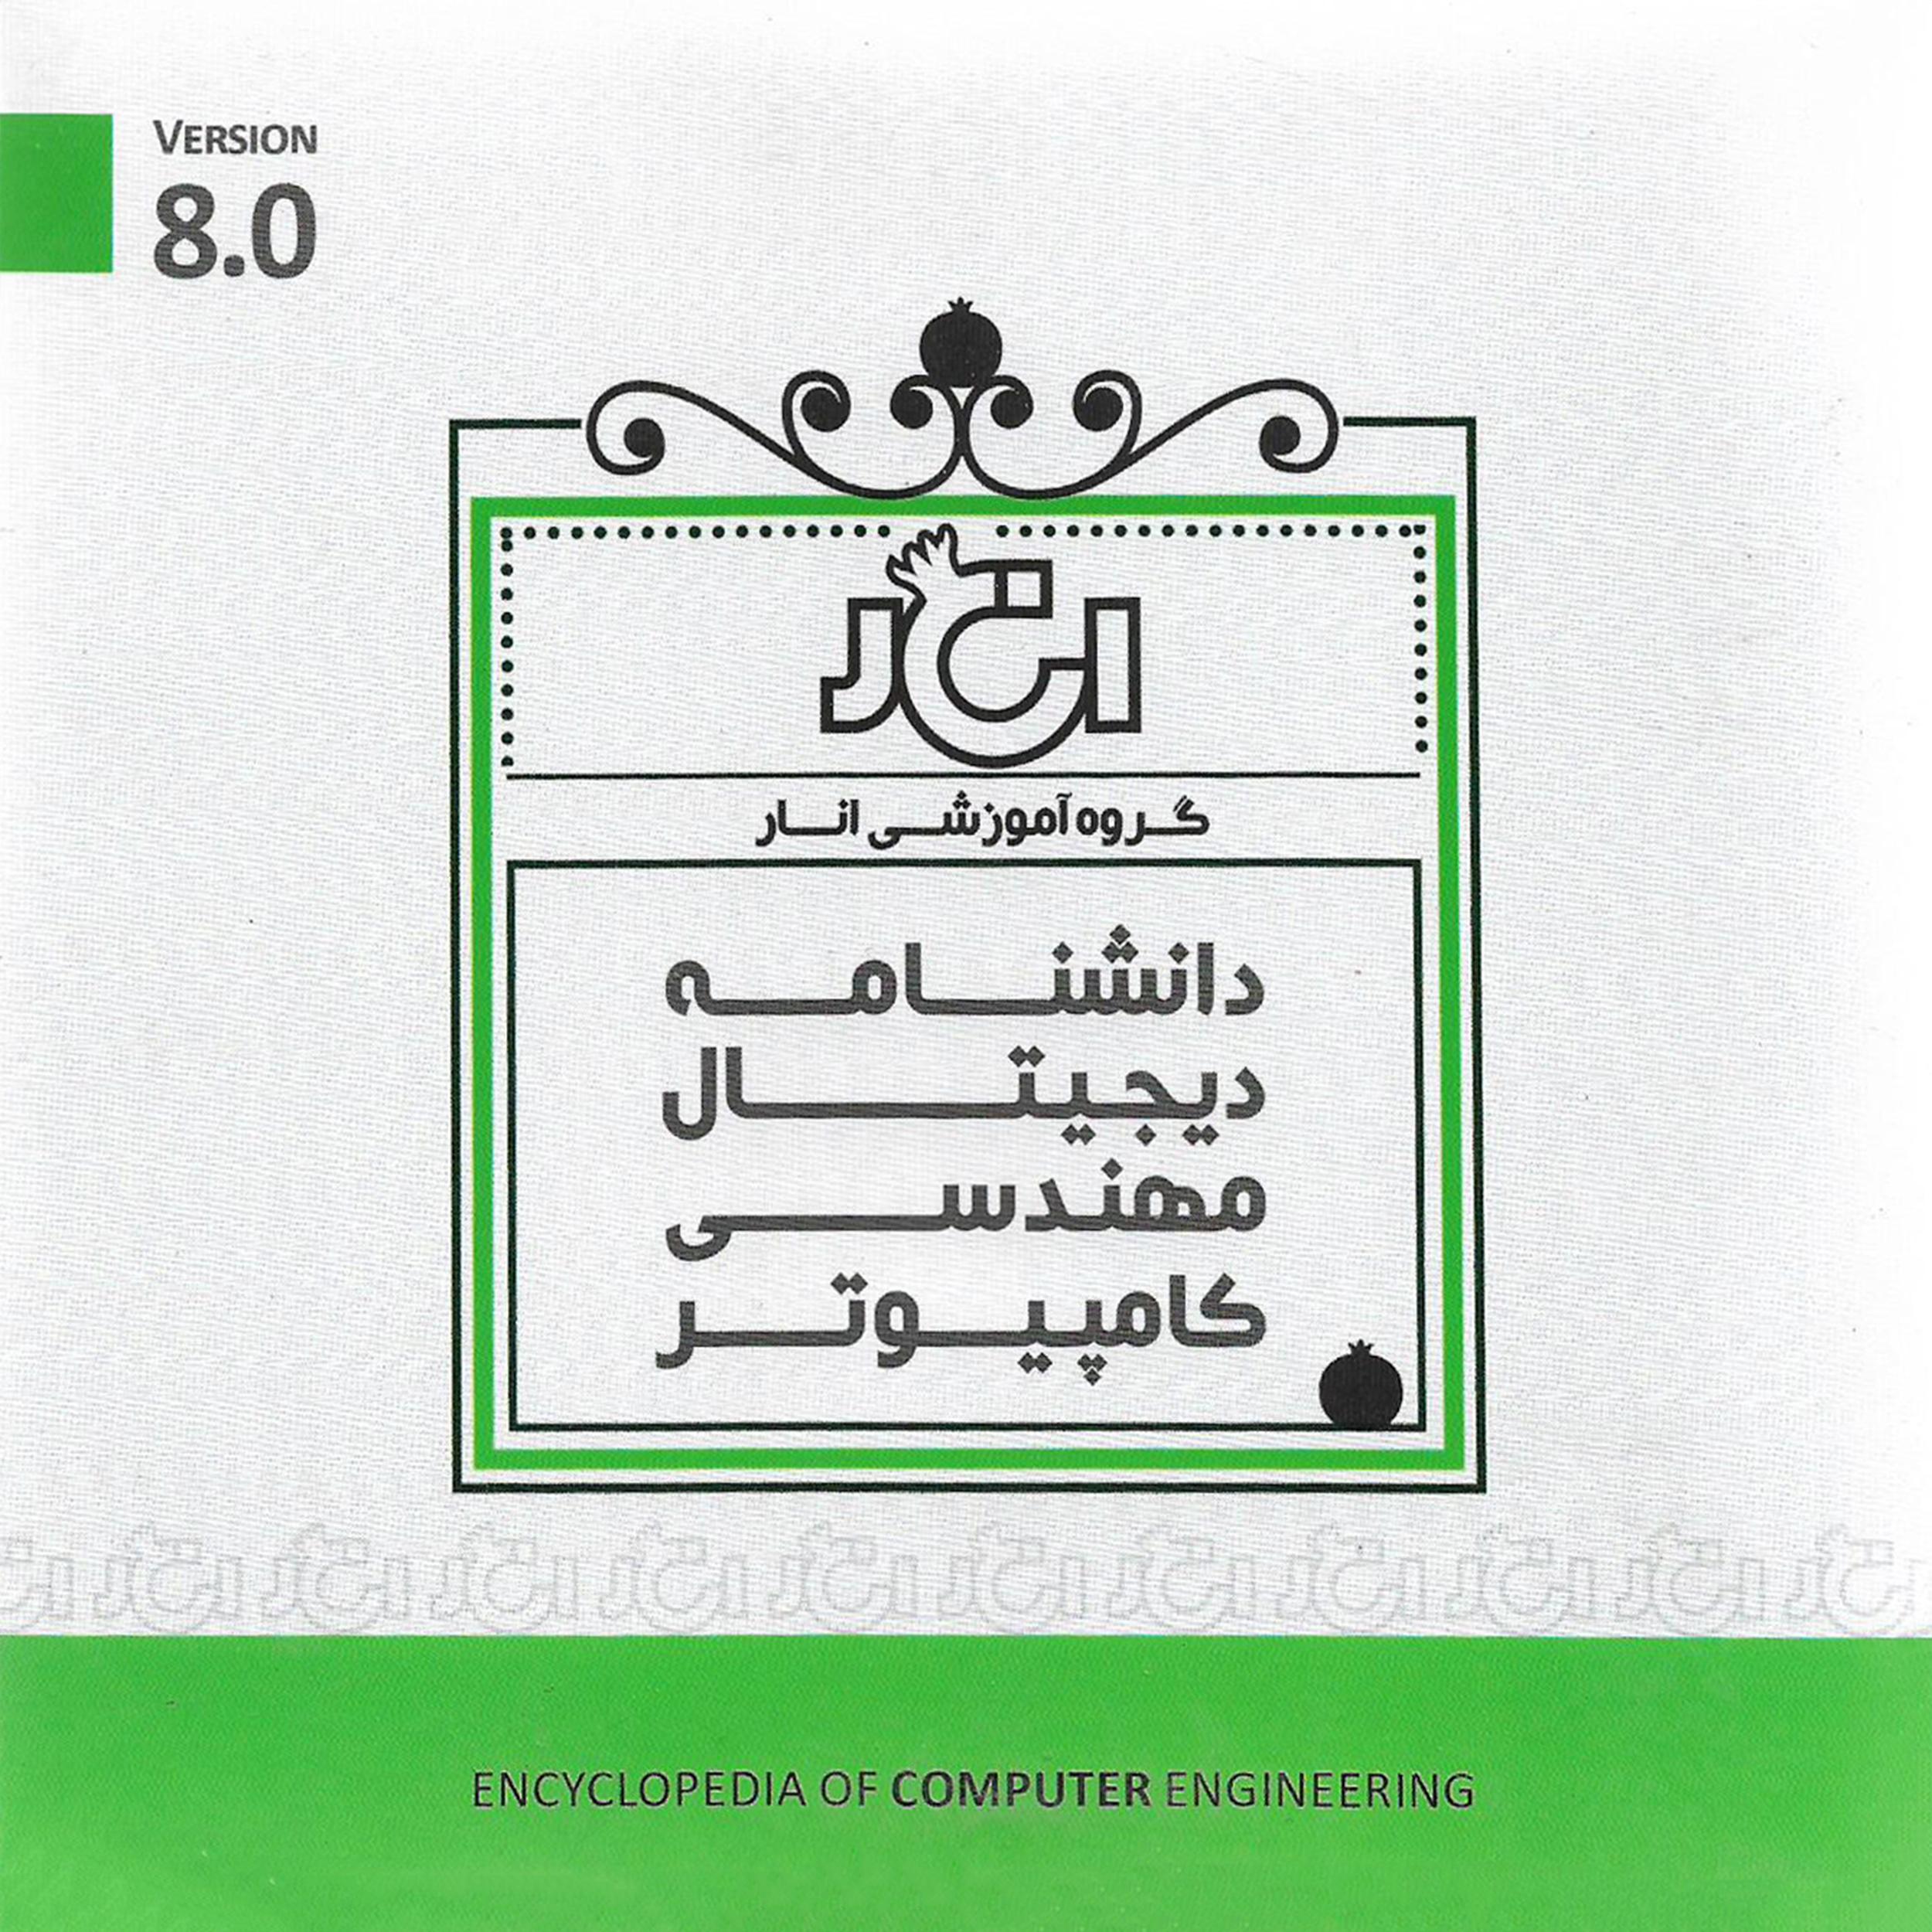 کتاب الکترونیک دانشنامه دیجیتال مهندسی کامپیوتر نشر گروه آموزشی انار